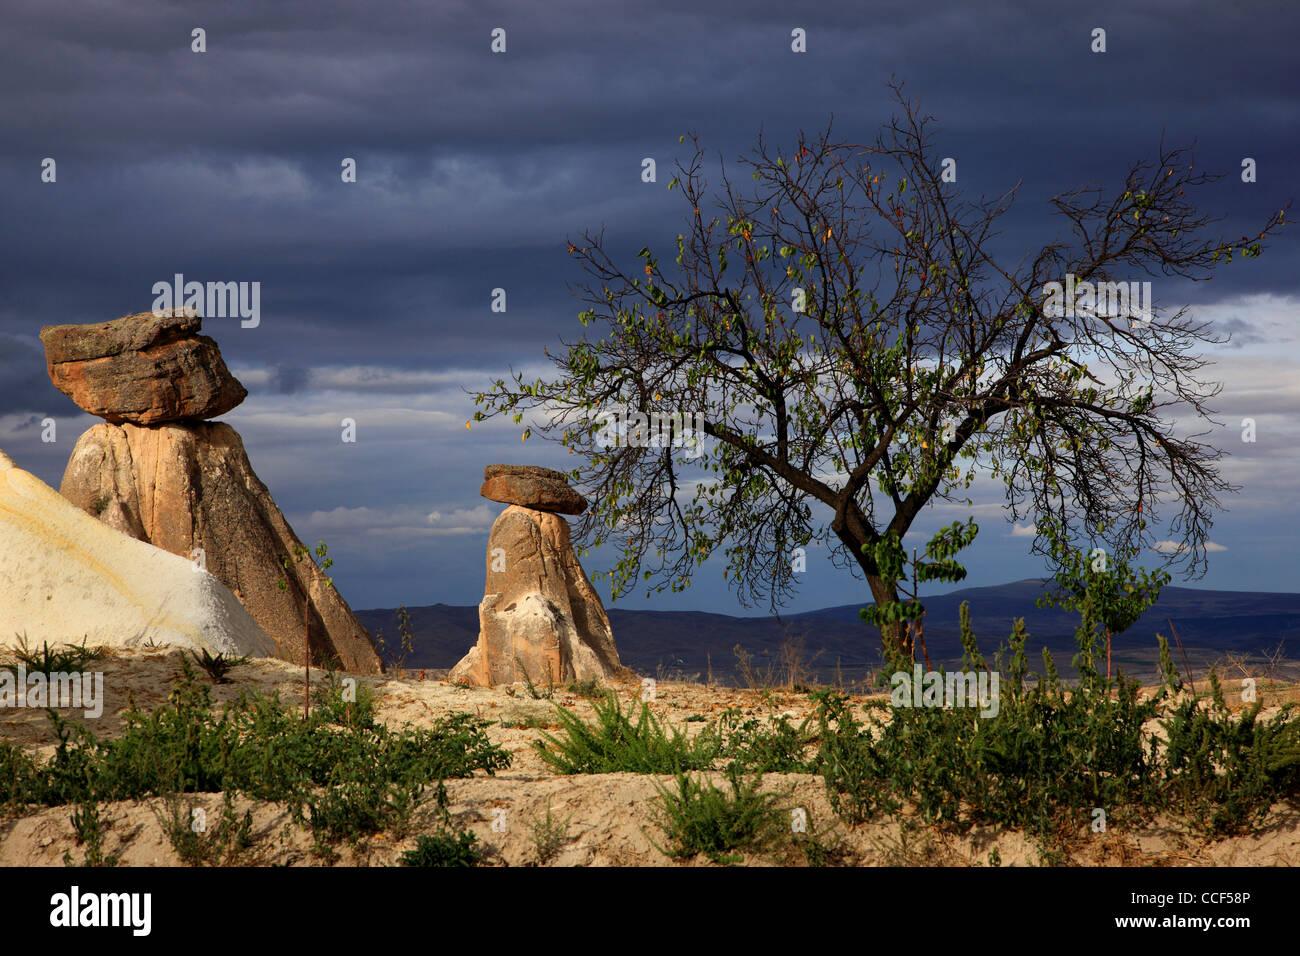 Tipico paesaggio della Cappadocia, vicino a Urgup, sulla strada di Goreme. Nevsehir, Anatolia, Turchia Foto Stock